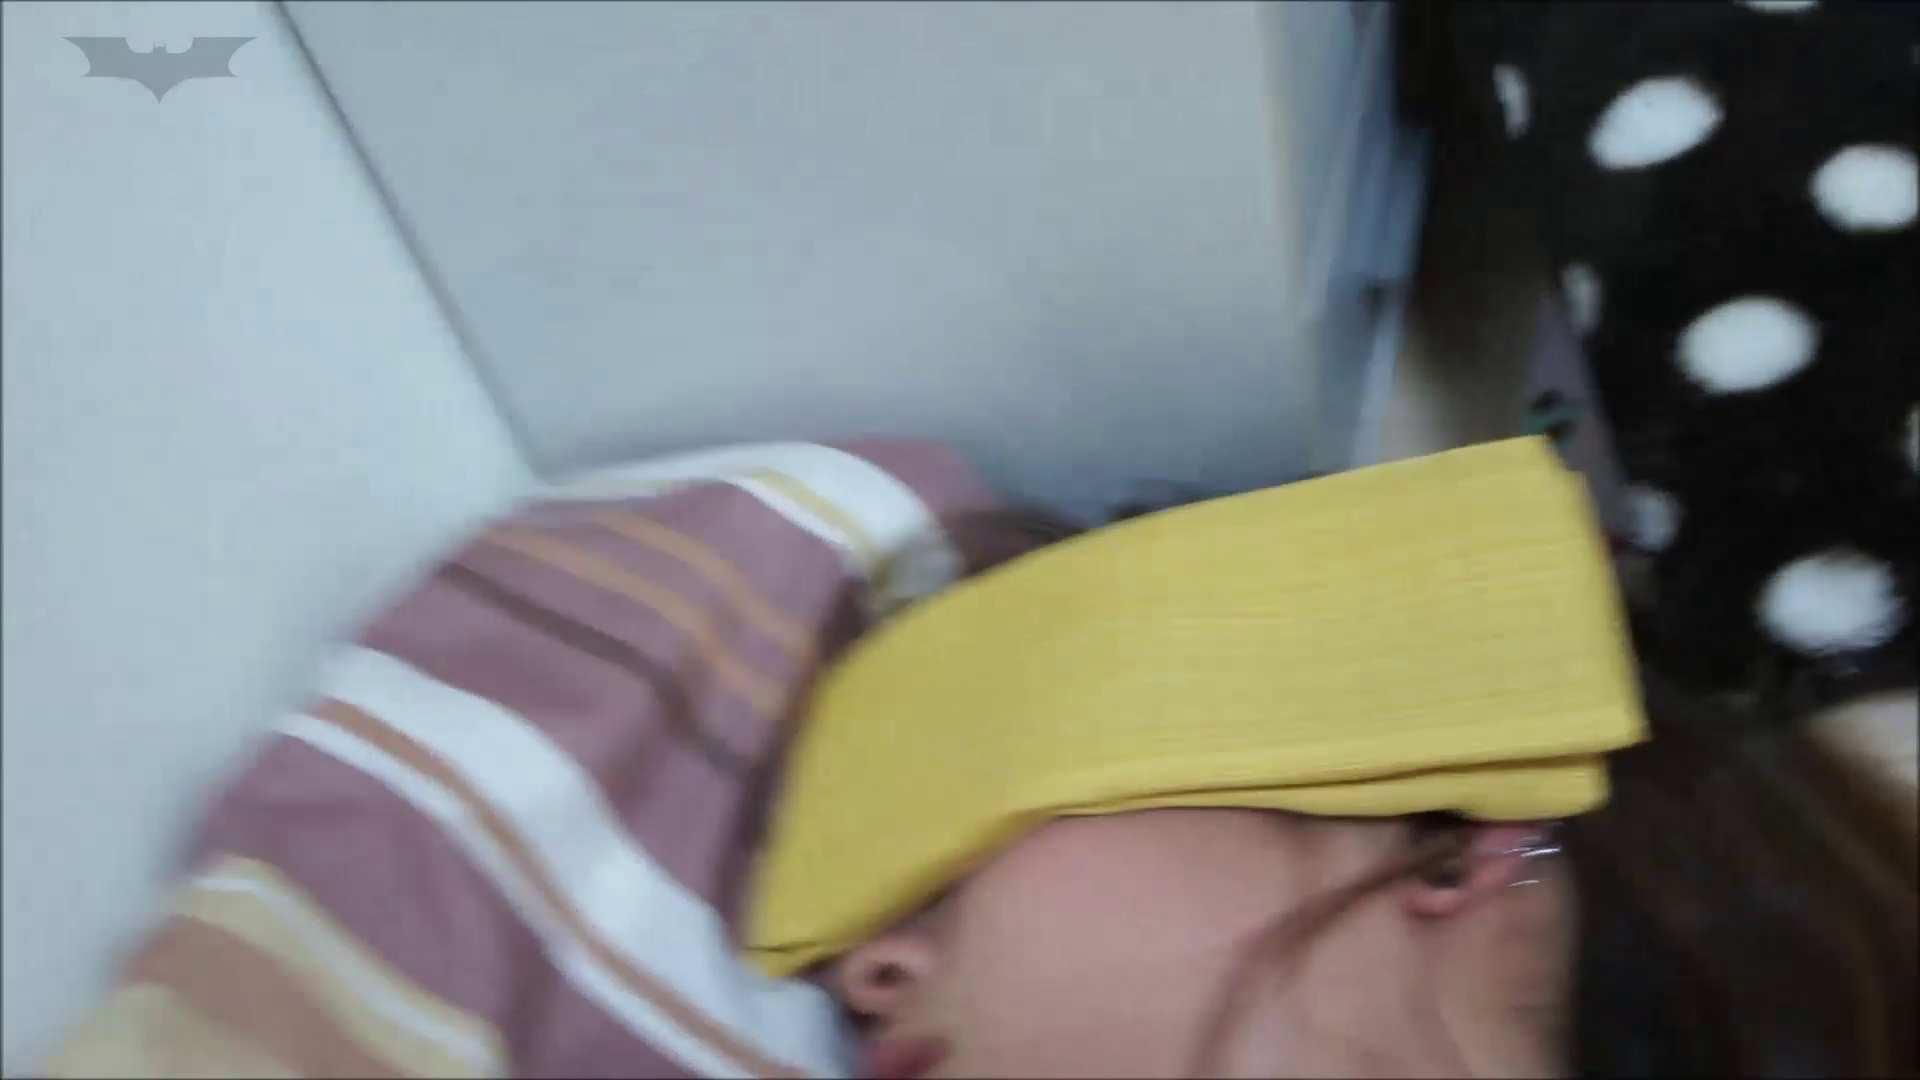 【俺の2人の愛嬢】【未公開】vol.72 3人一緒に・・・【ユリナ編】 乙女〜! | 丸見え  90画像 85